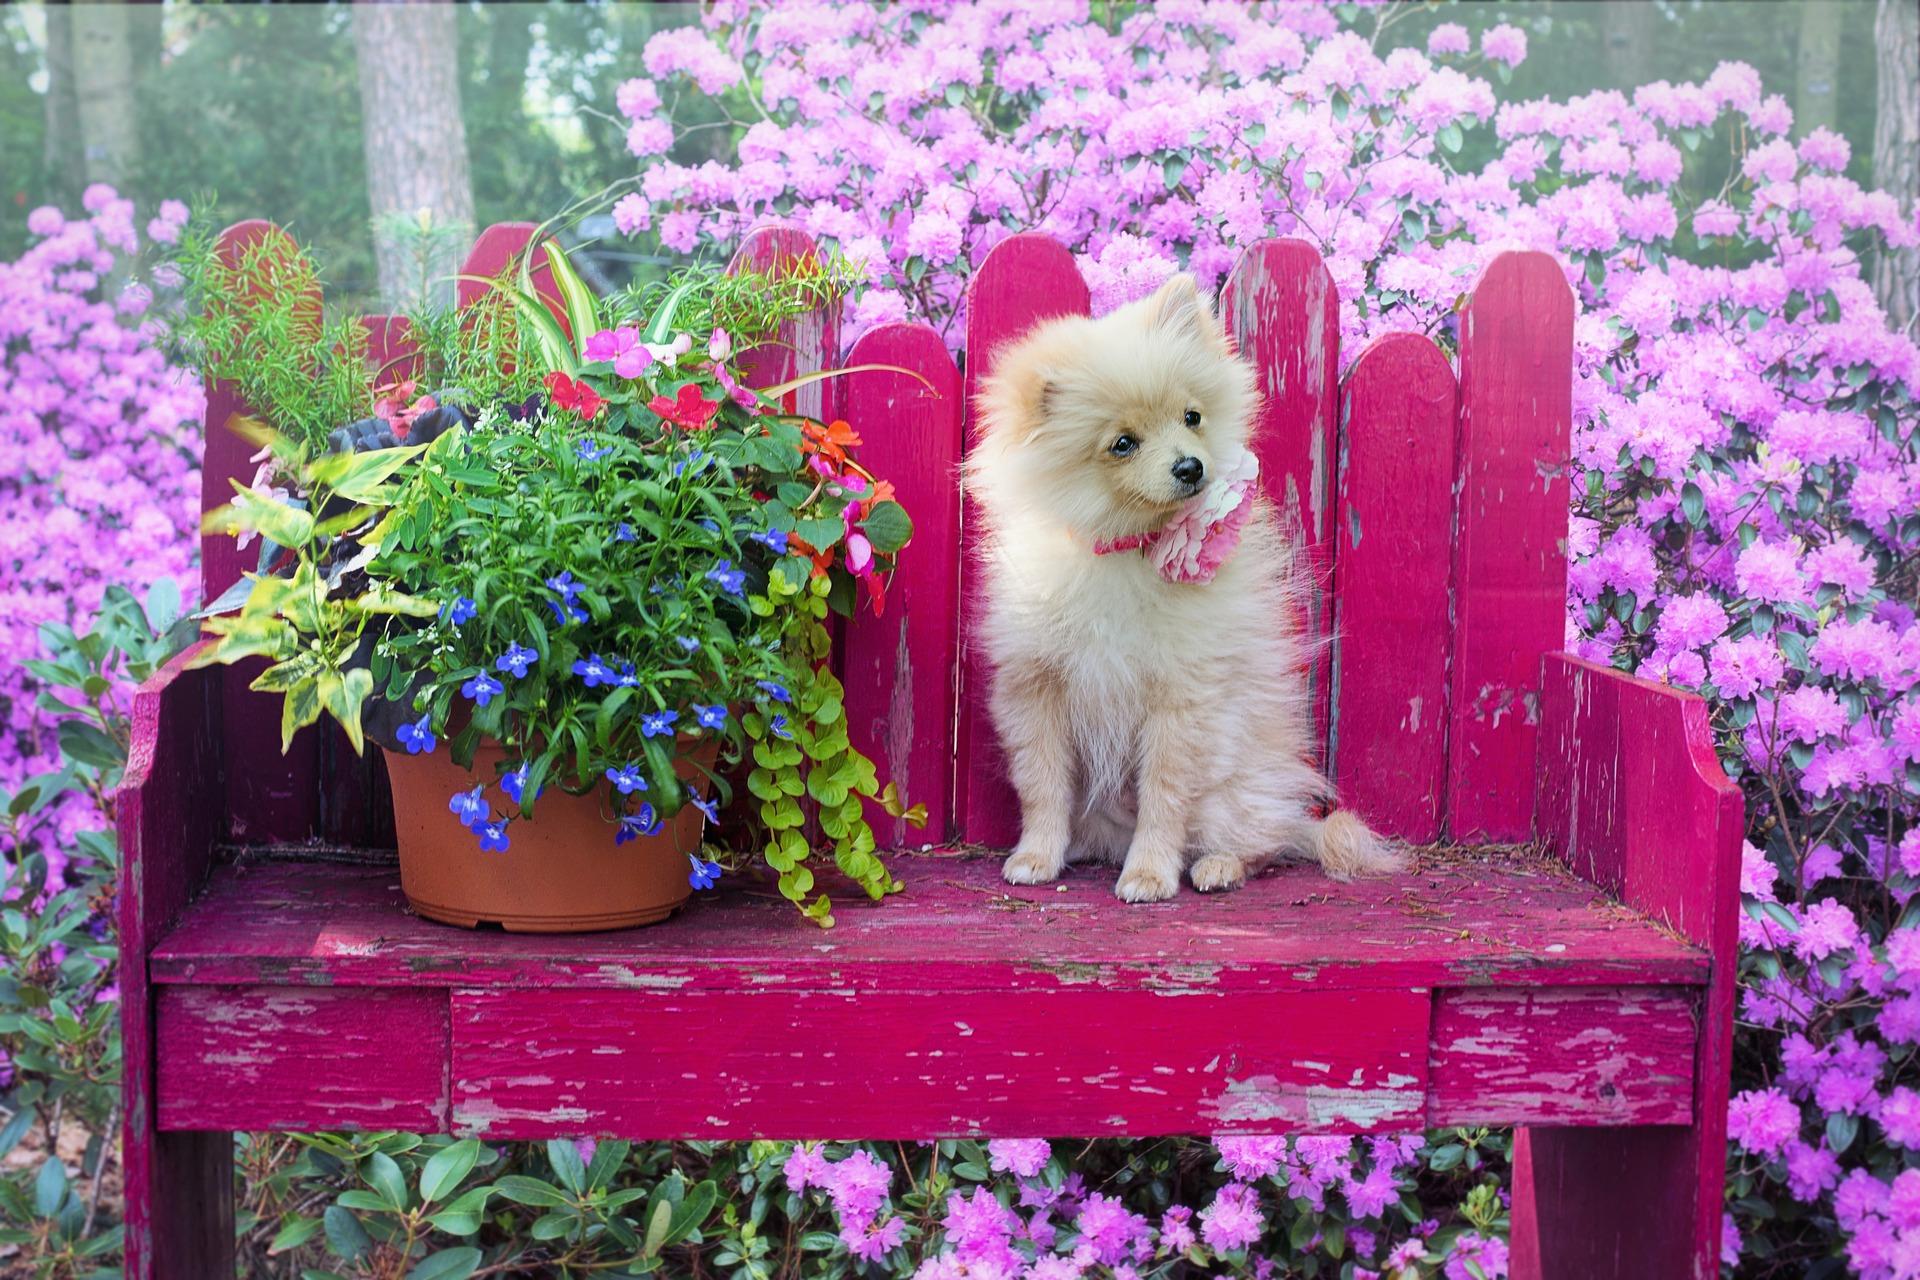 ベンチに座った犬